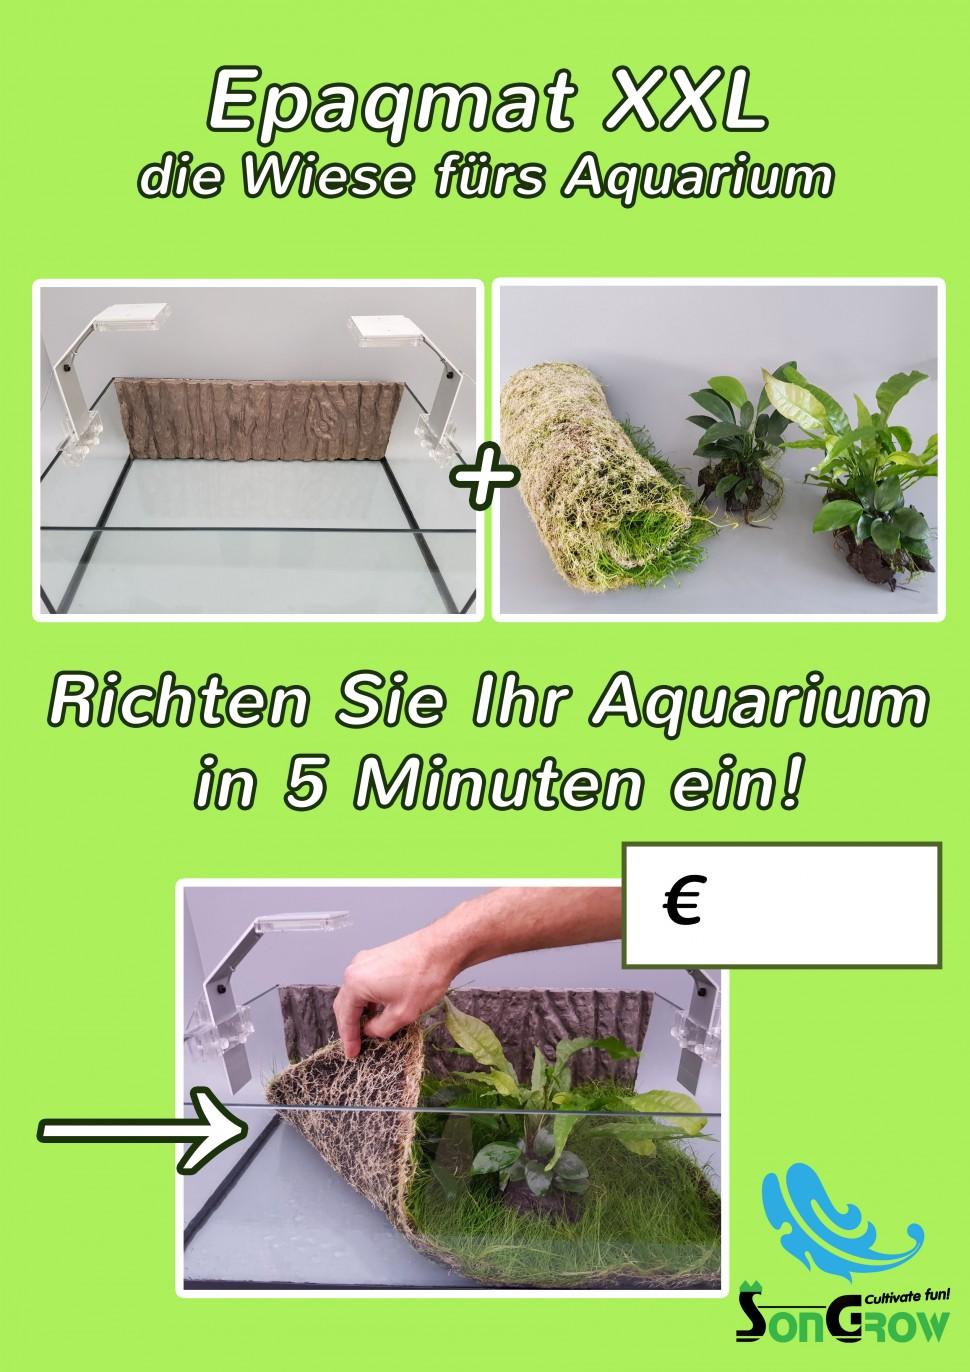 epaqmat xxl poster Duits.jpg